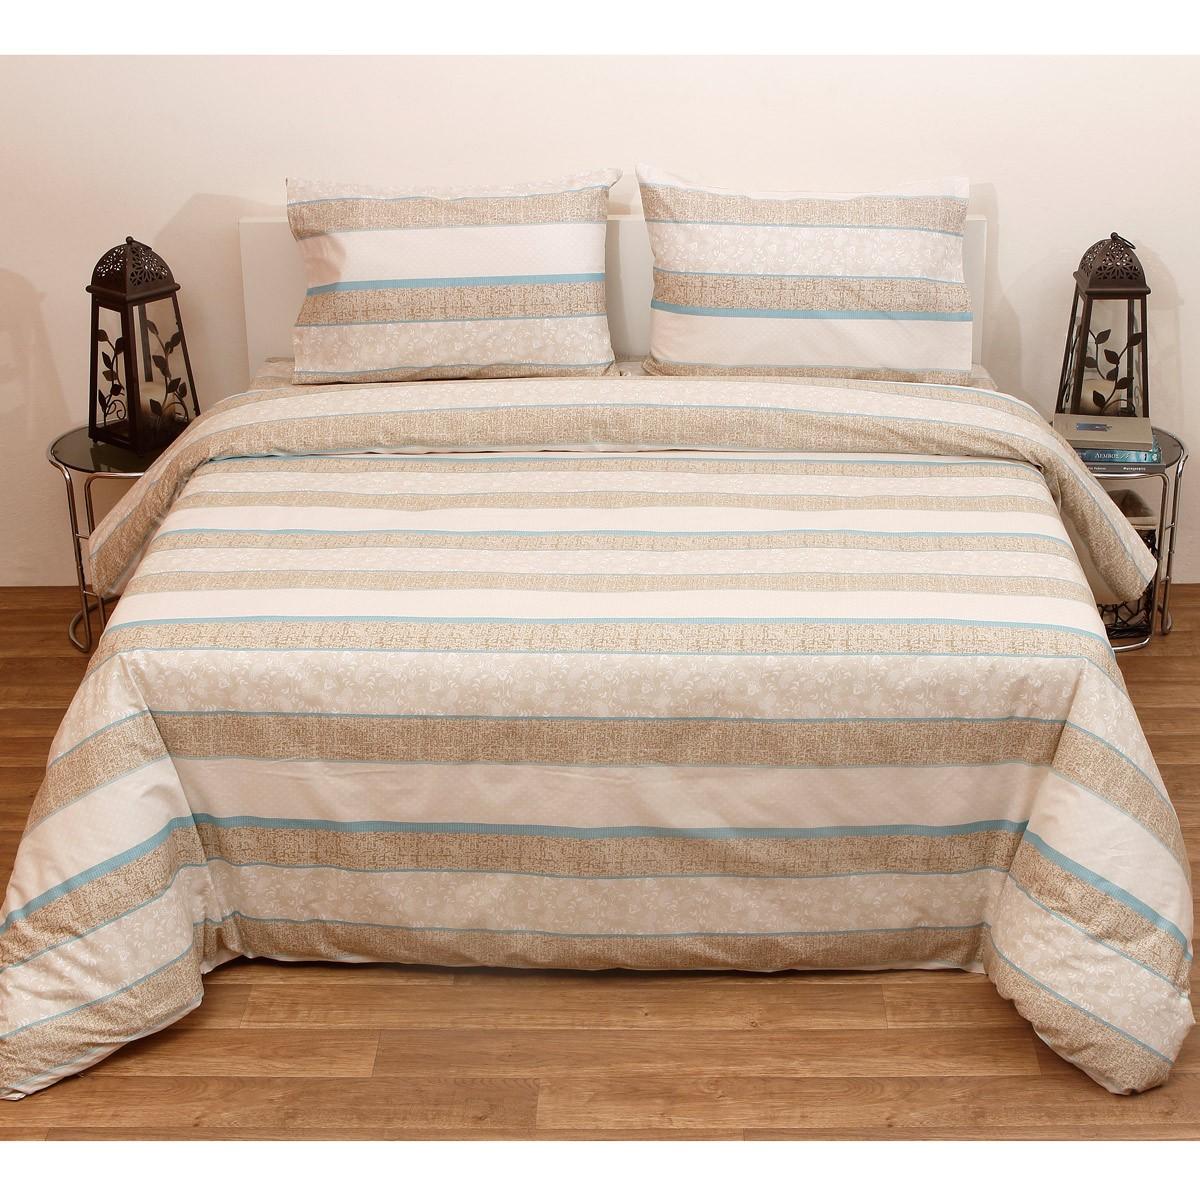 Κουβερλί Ημίδιπλο (Σετ) Viopros Fresh Ιρέν Λινό home   κρεβατοκάμαρα   κουβερλί   κουβερλί ημίδιπλα   διπλά